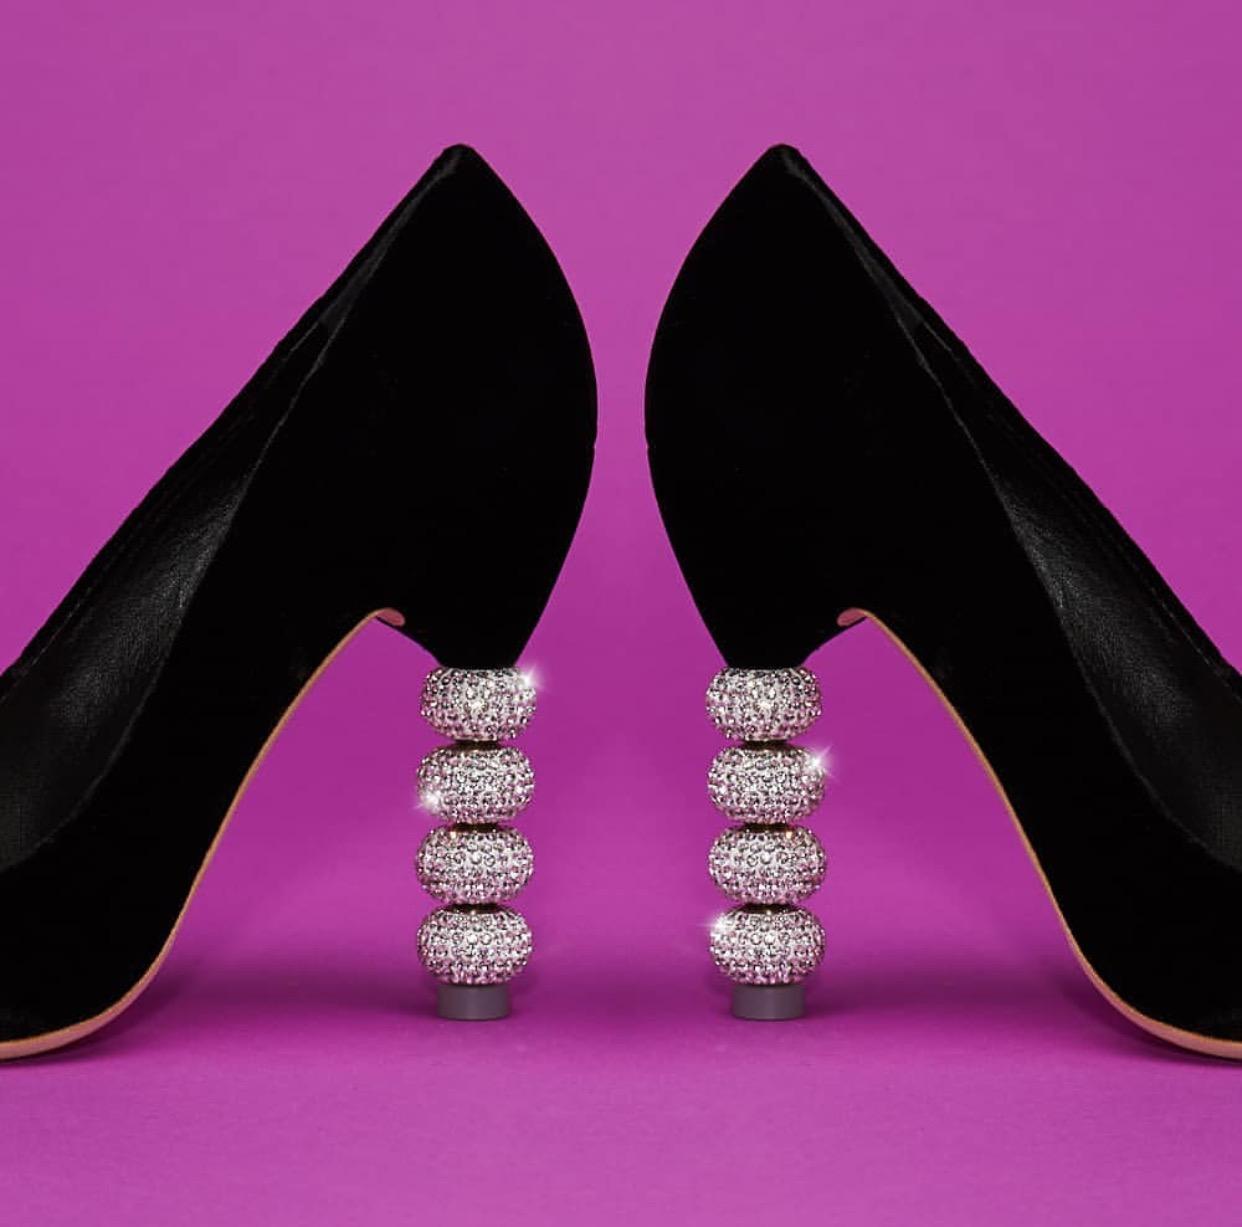 تعرفوا الى اشهر حذاء لهذا العام ،،الحذاء الذي ارتدته سبع نجمات في حفل واحد